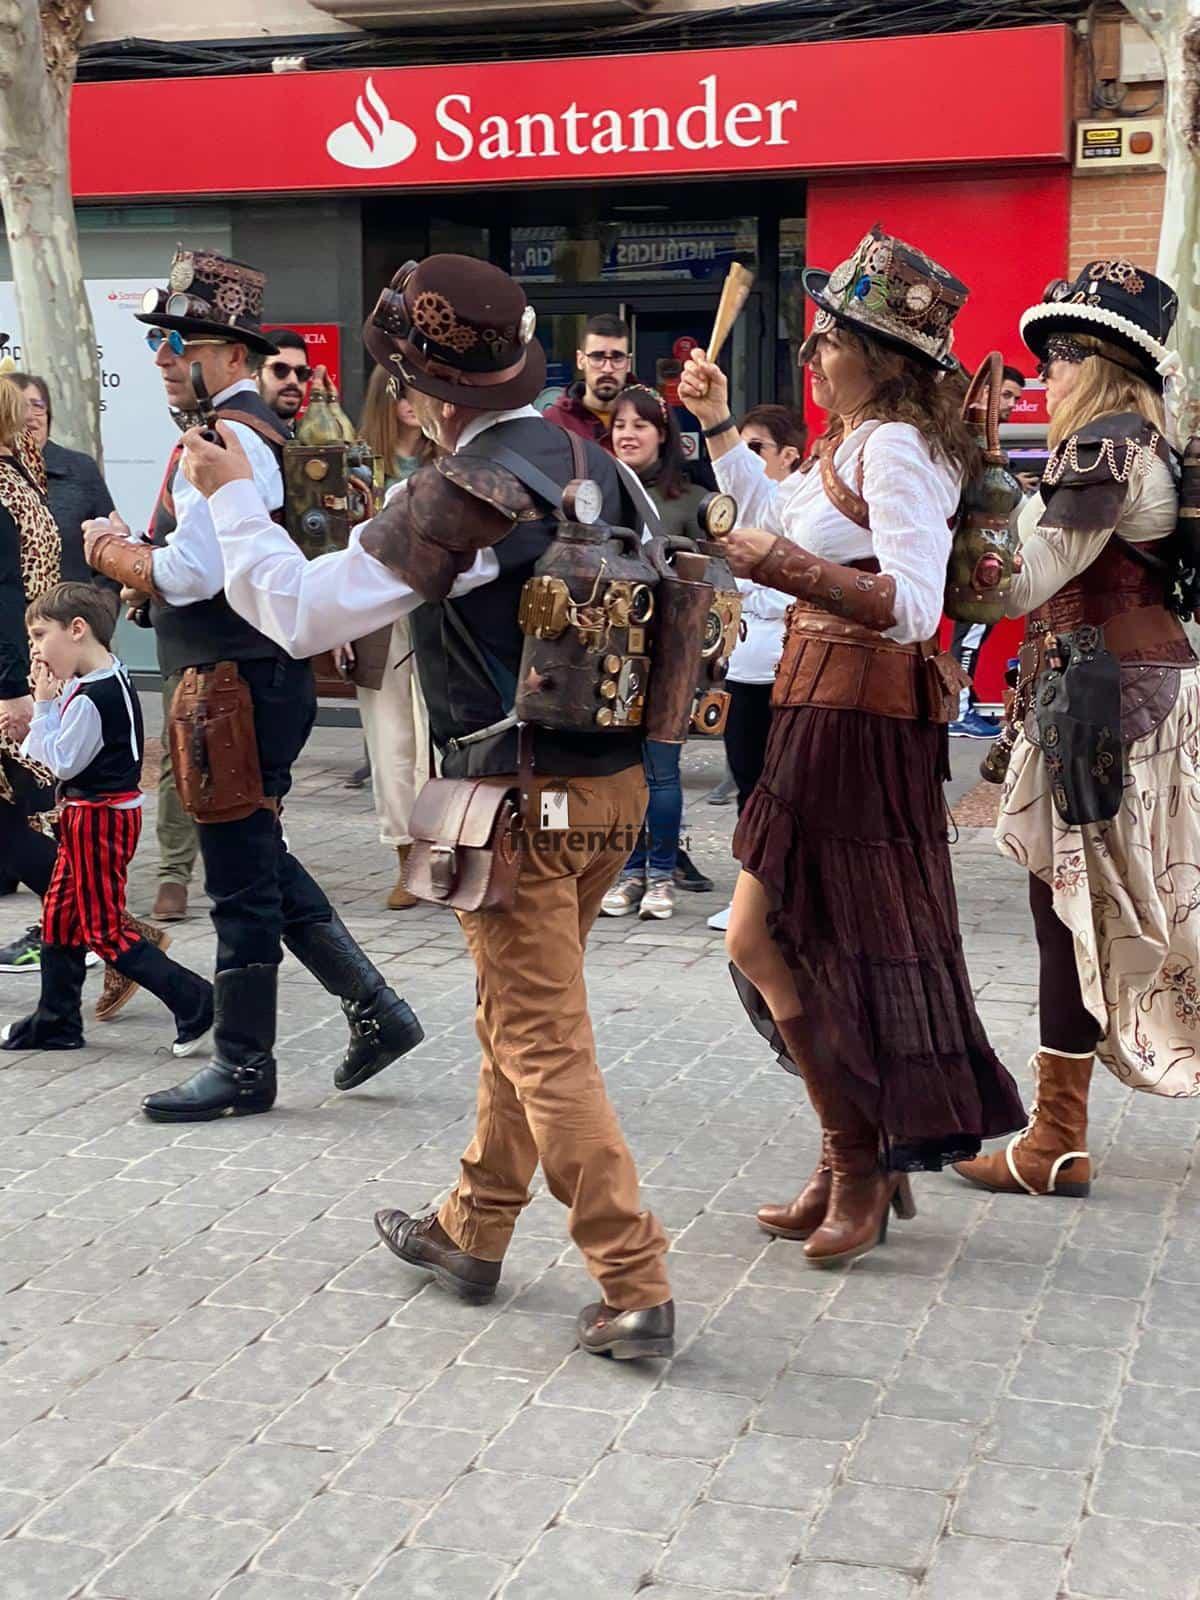 Carnaval herencia 2020 pasacalles domingo deseosas 46 - El Domingo de las Deseosas invita a todo el mundo al Carnaval de Herencia